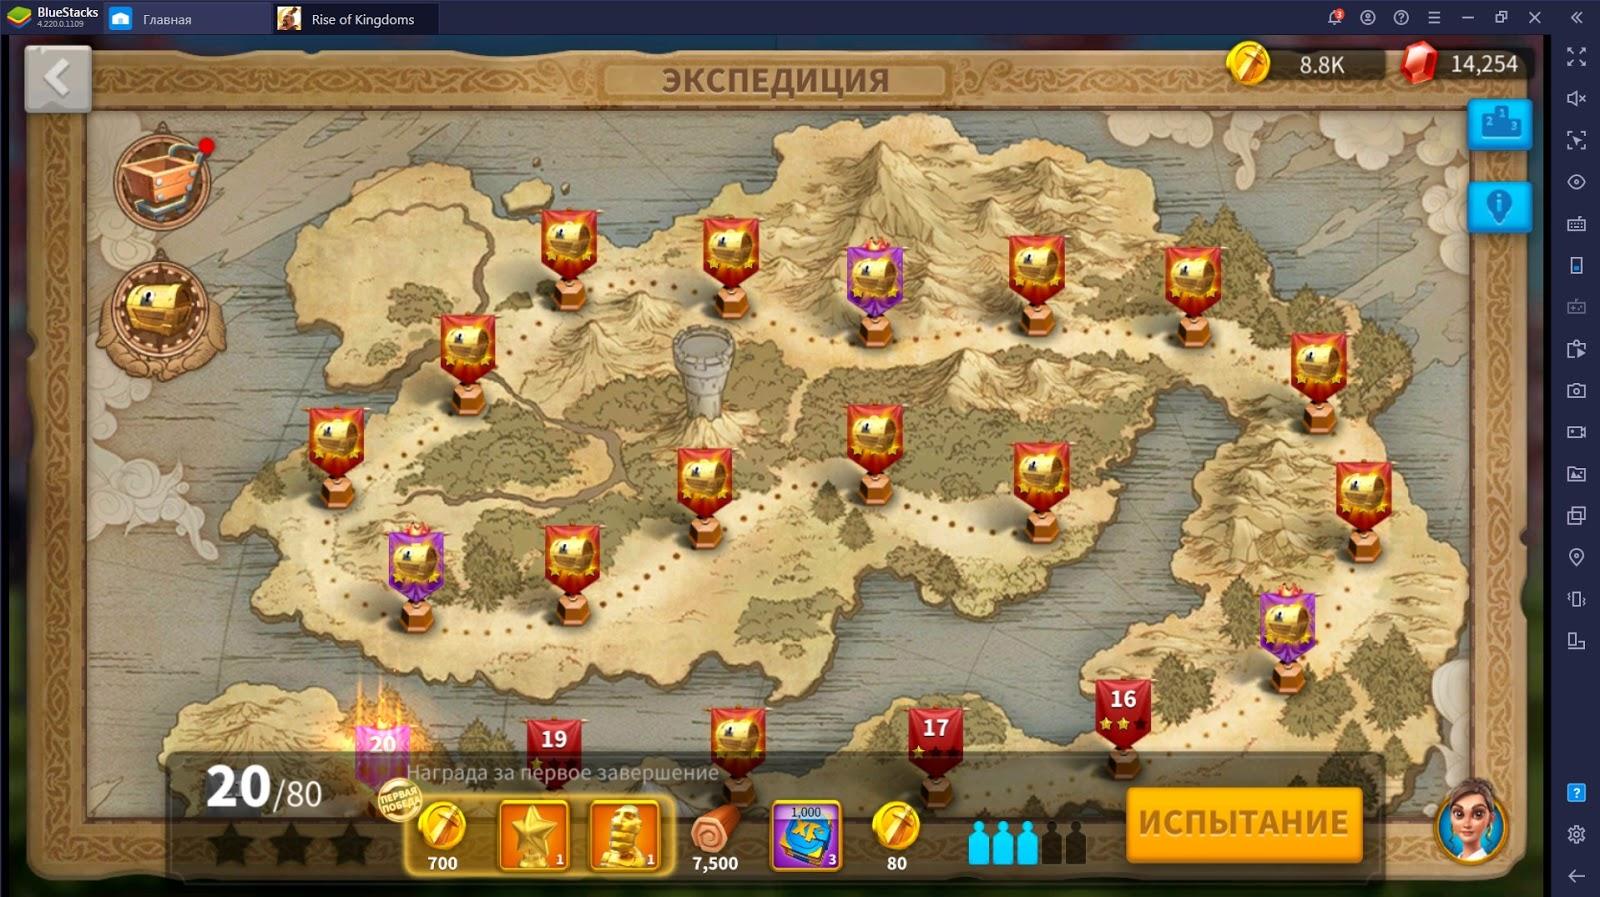 Ресурсы в Rise of Kingdoms и способы их получения